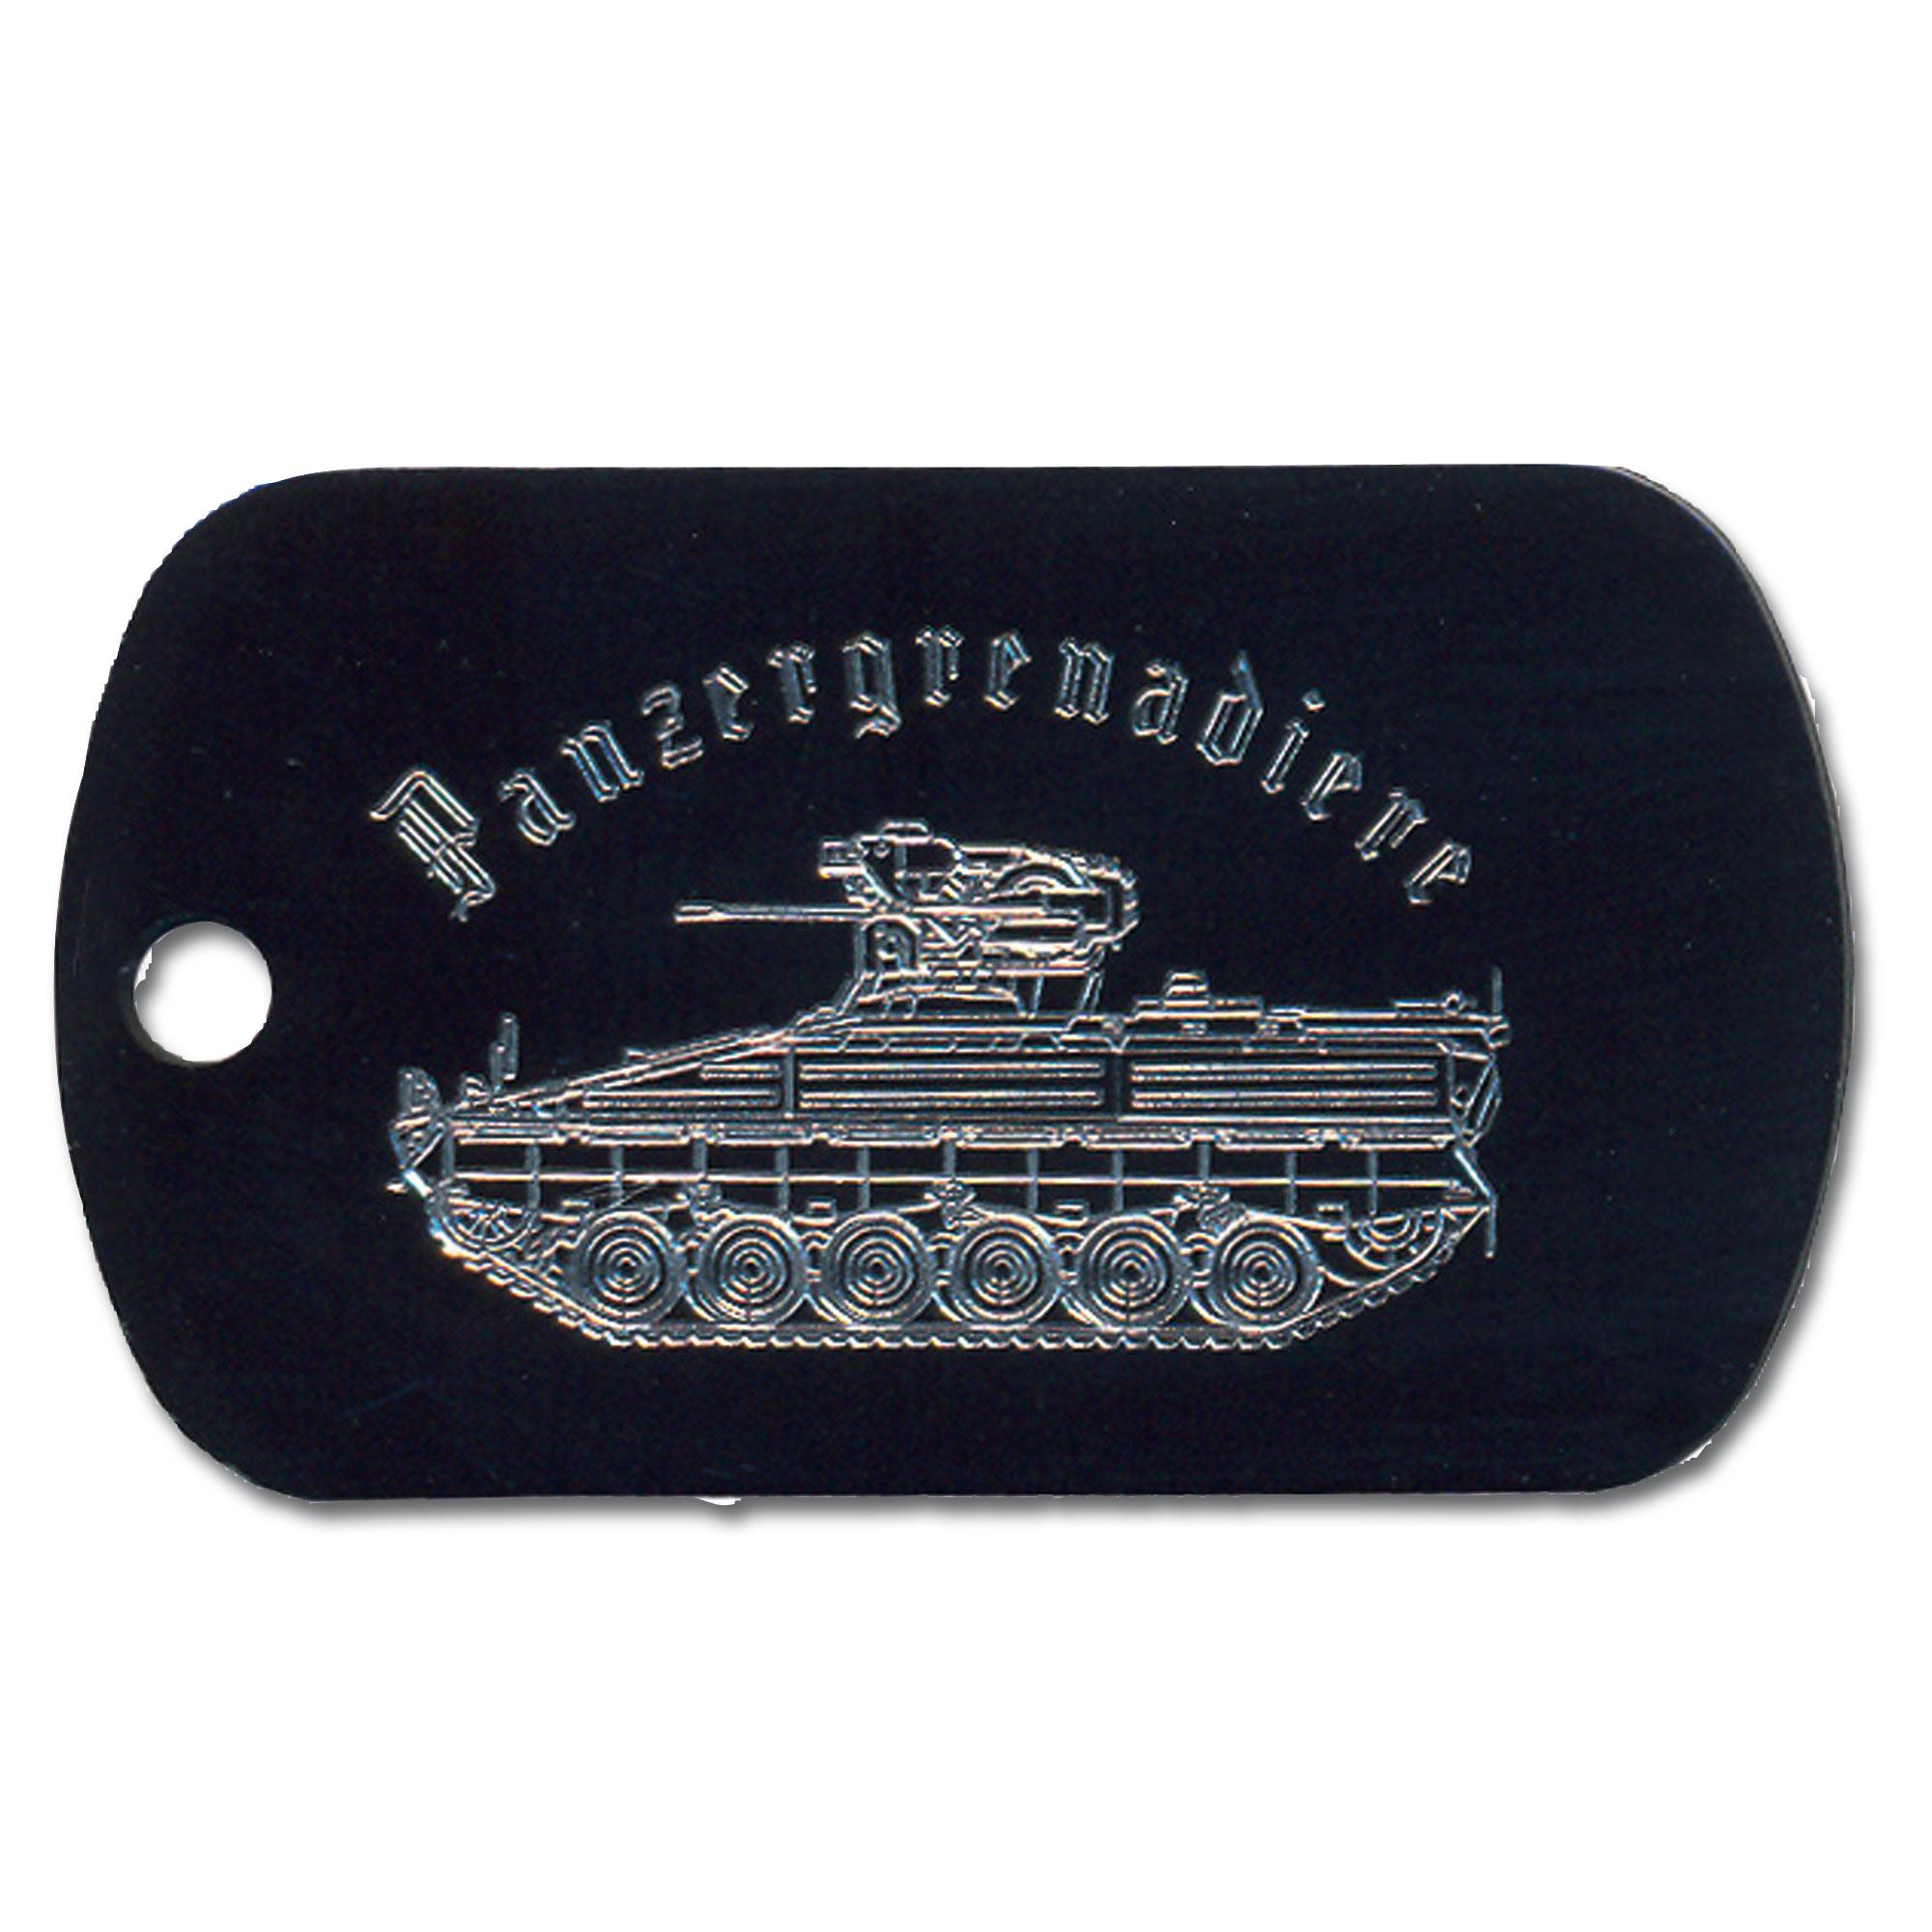 Erkennungsmarke mit Gravur Panzergrenadier